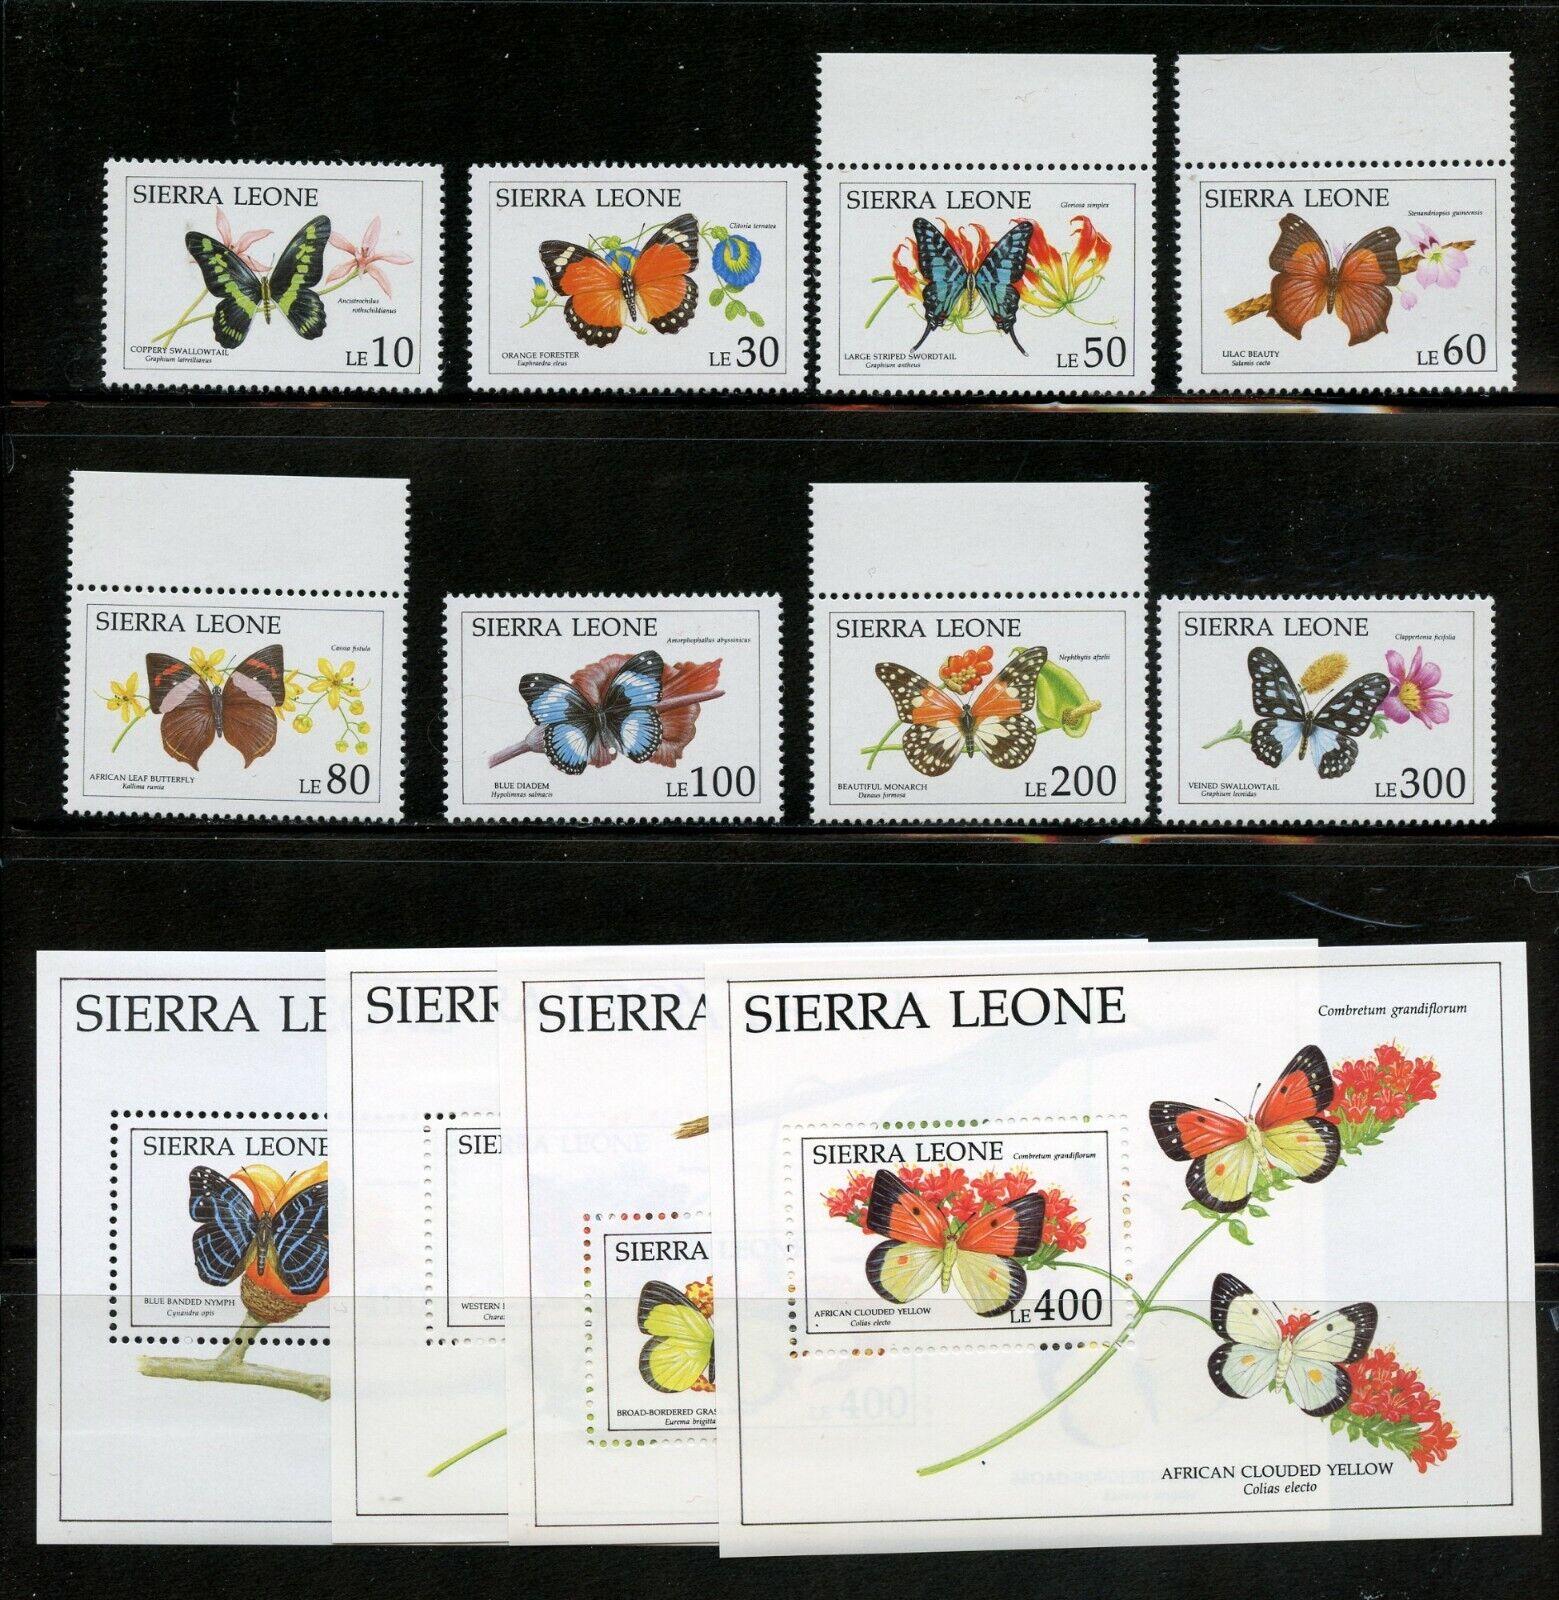 Q957  Sierra Leone 1991  butterflies  set & sheets   MNH